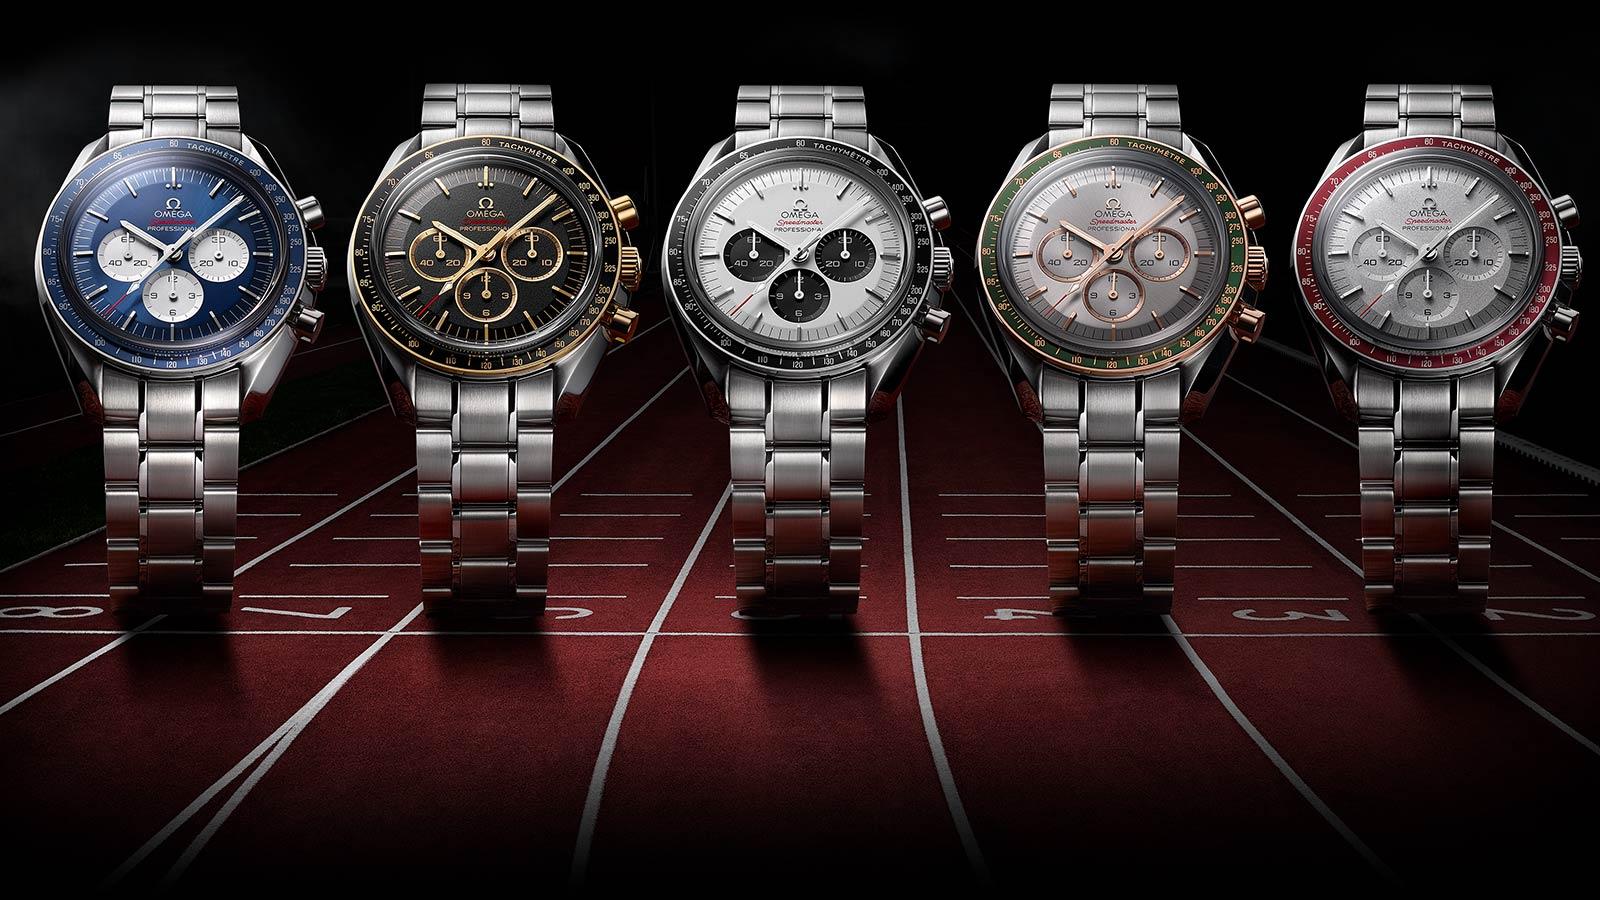 Khám phá những mẫu đồng hồ được chế tác hưởng ứng Thế vận hội Olympic